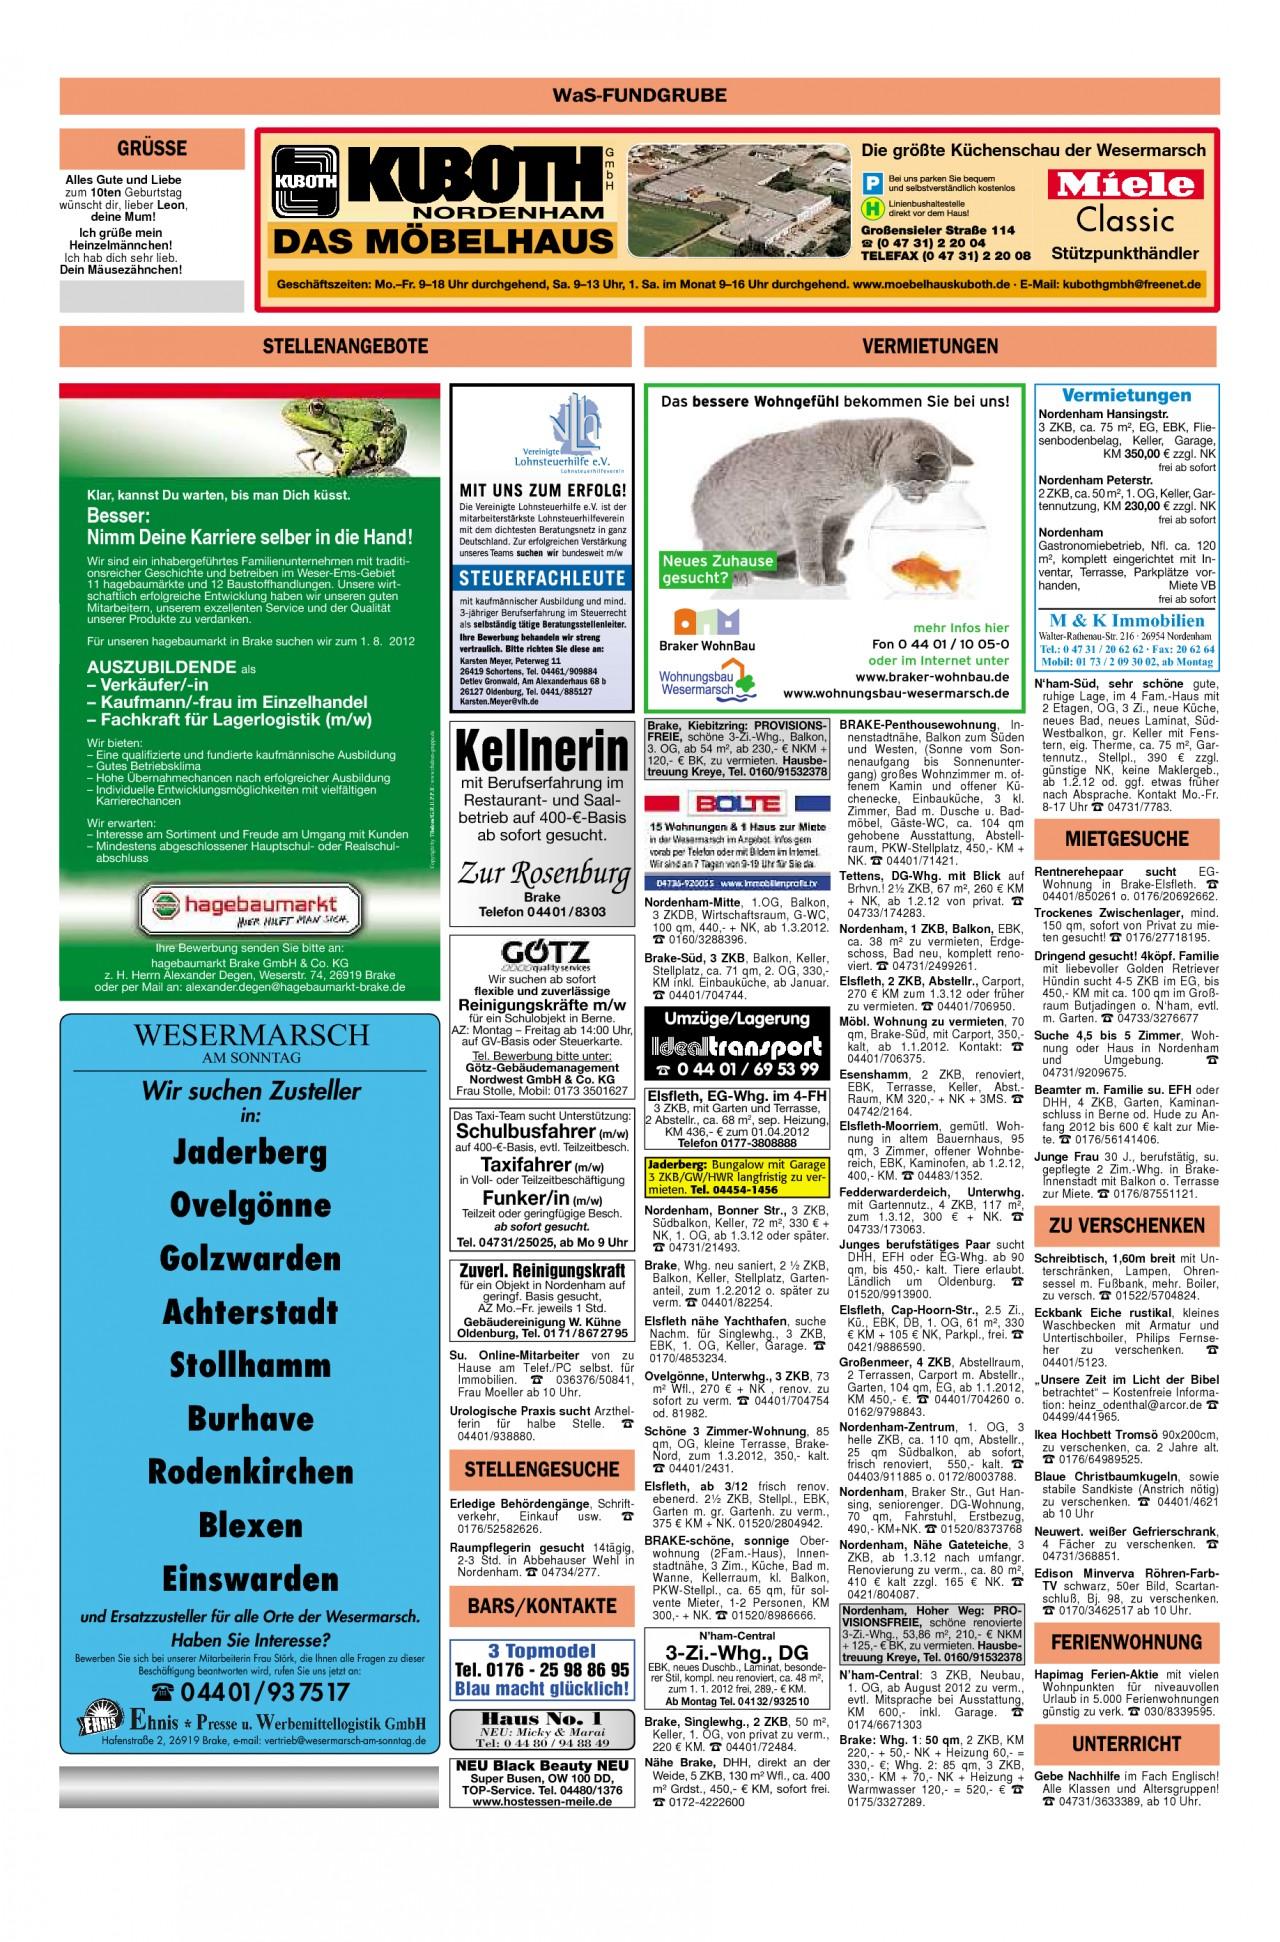 Garten Moorriem Inspirierend Wesermarsch Am sonntag Ausgabe Vom 11 12 2011 Seite 32